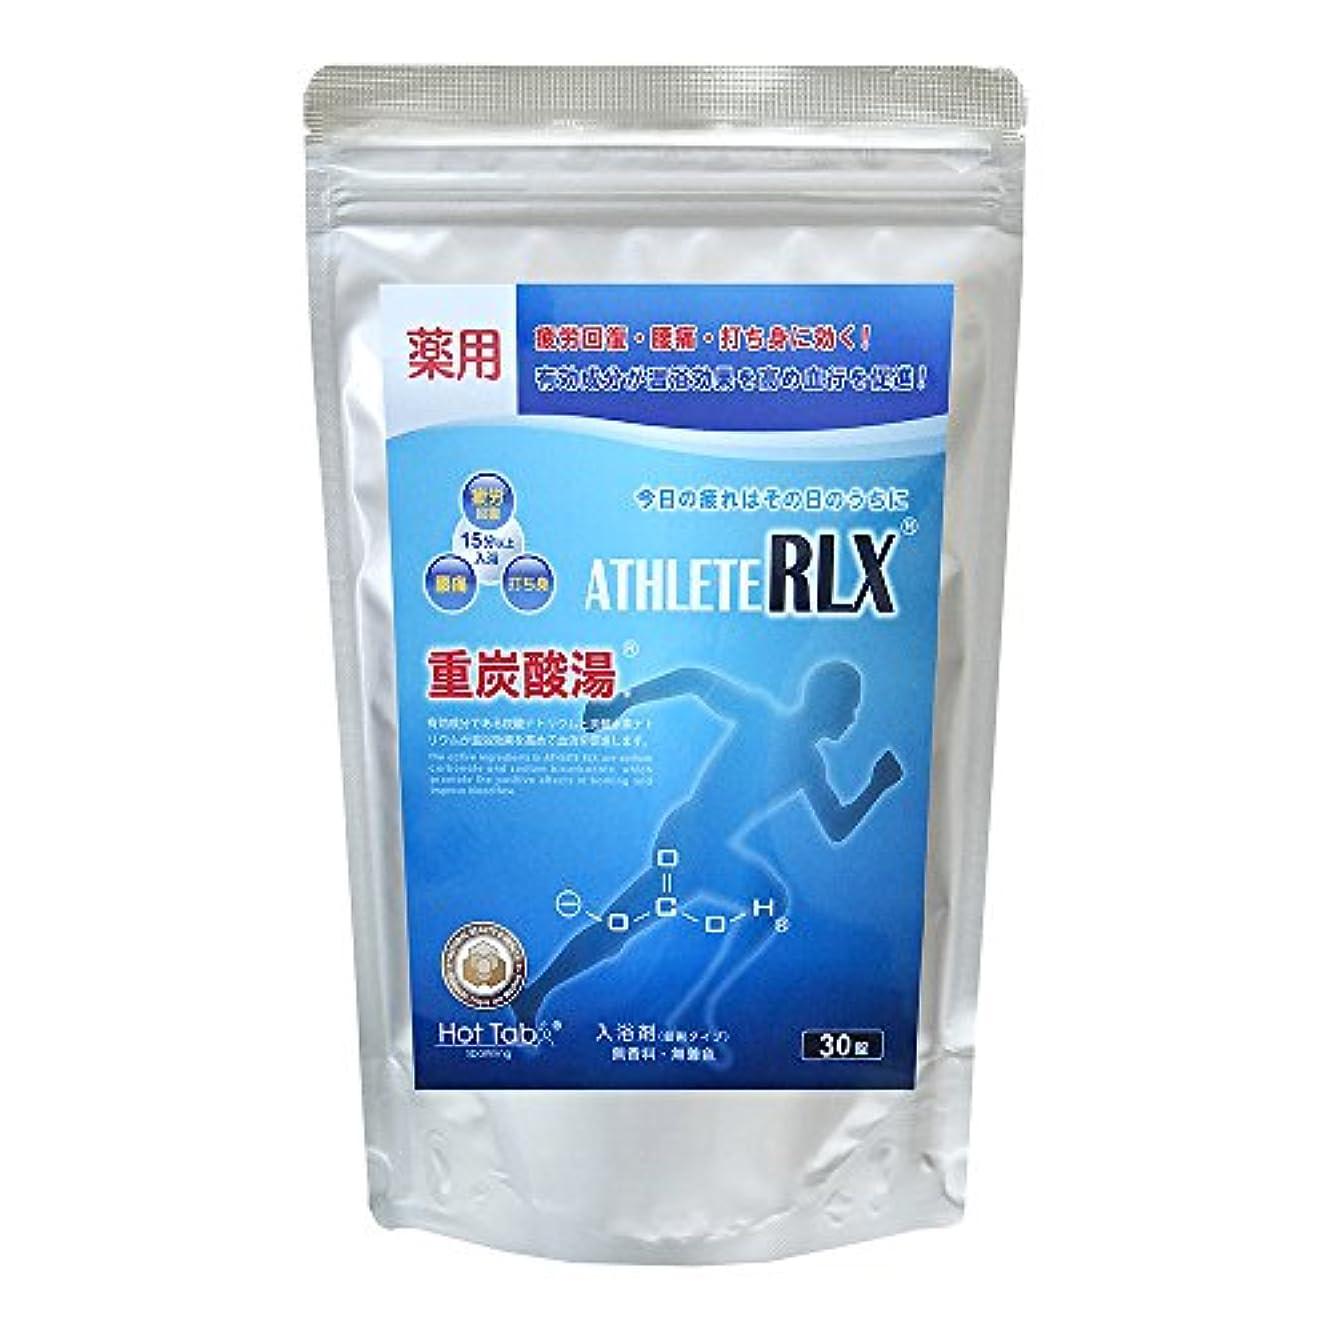 バルク自分のクラスホットアルバムコム ATHLETE RLX(アスリートRLX) 薬用 30錠入り